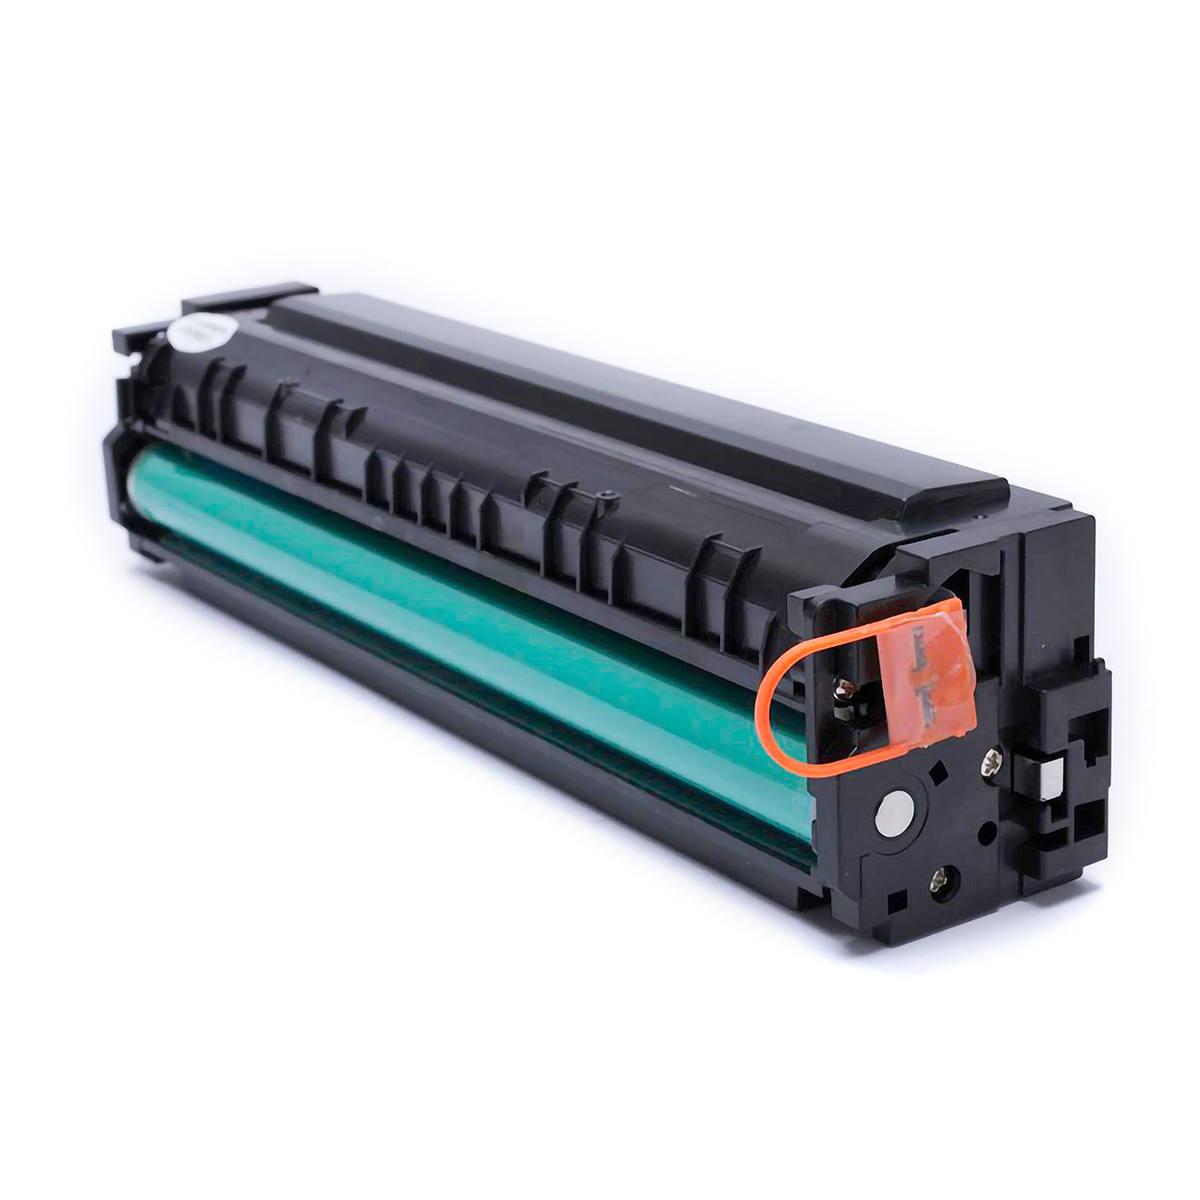 Compatível: Toner CF401X 201X para HP M252 M252n M252dw M277 M277n M277dw 252n 277n 252dw 277dw / Ciano / 2.400